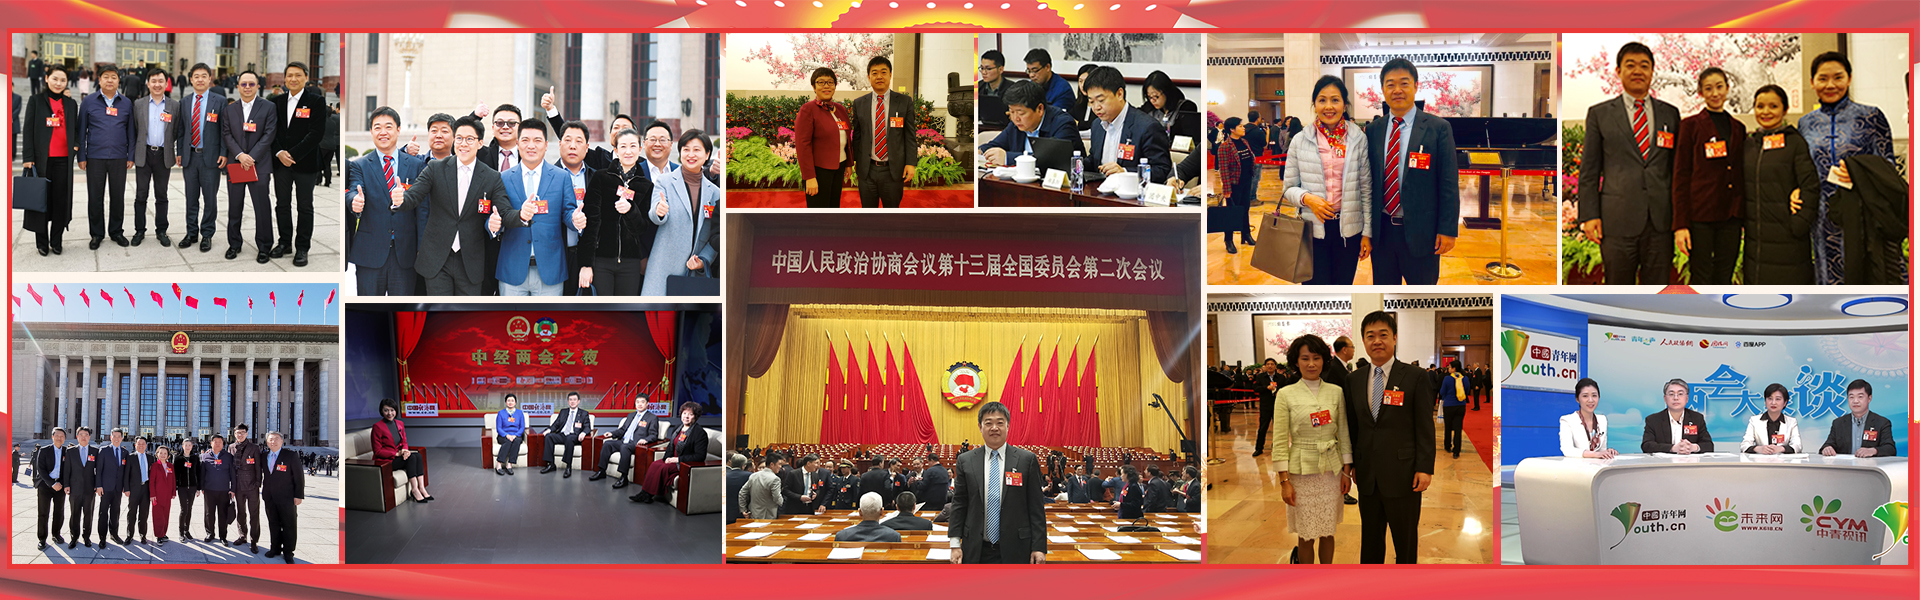 2019年全國政協會議